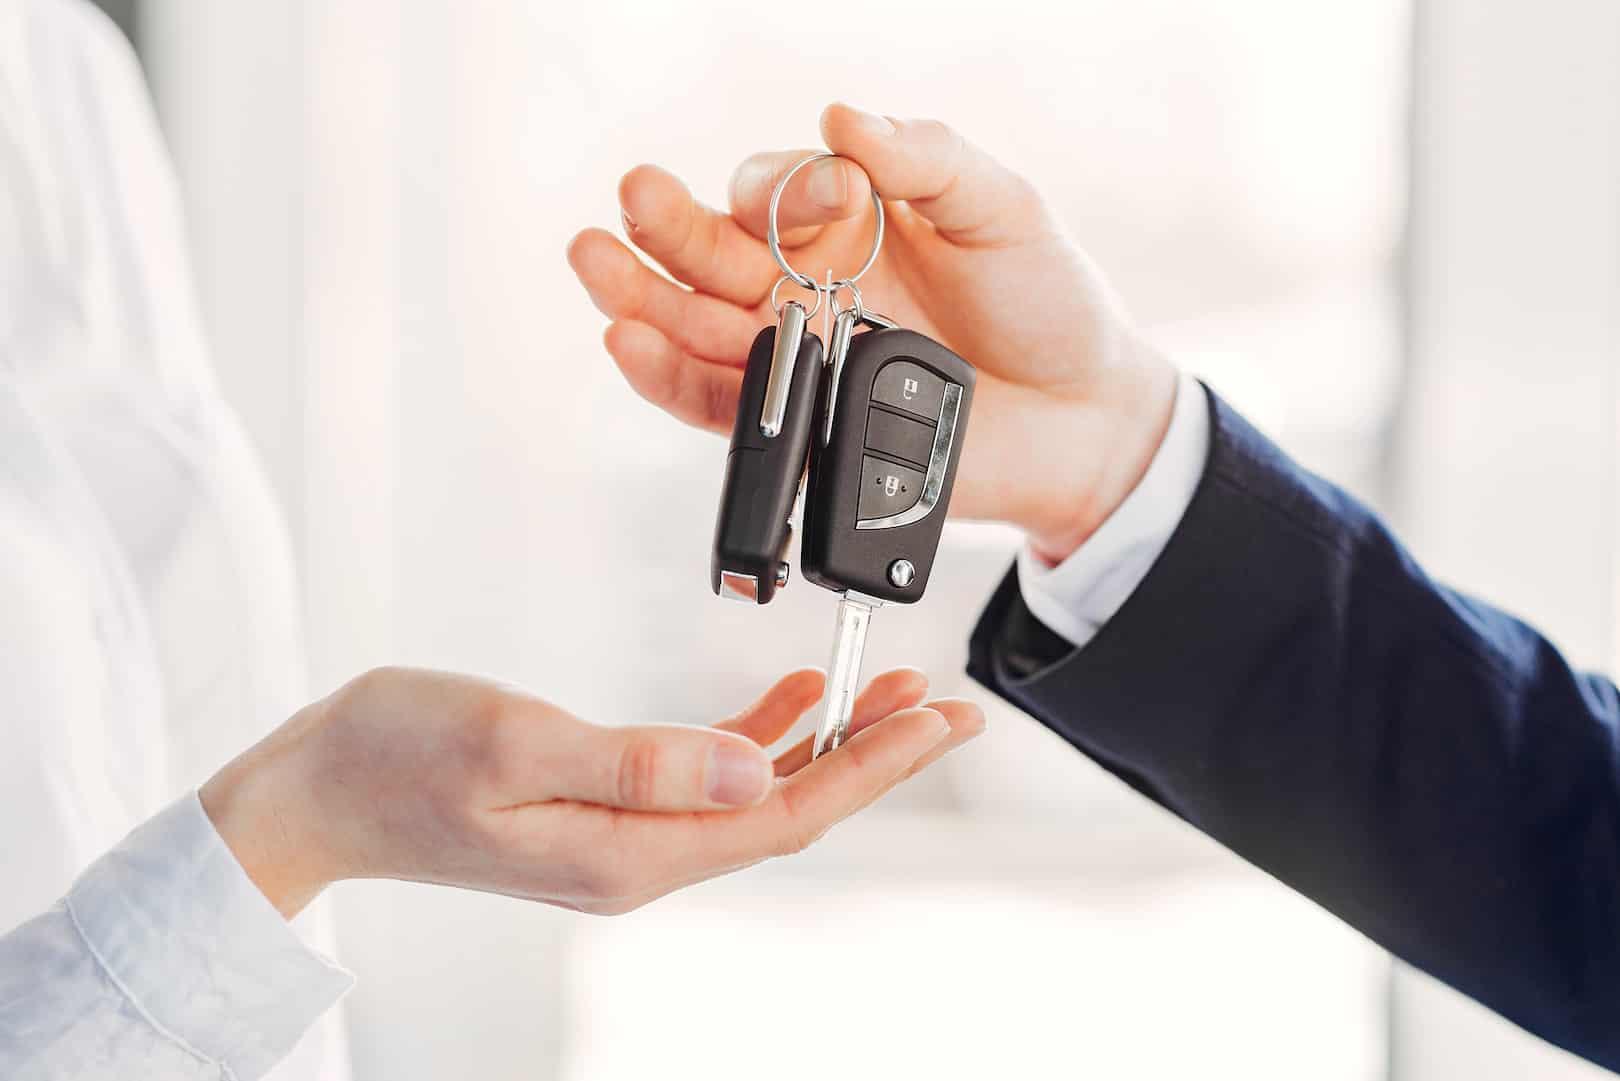 קונה רכבים